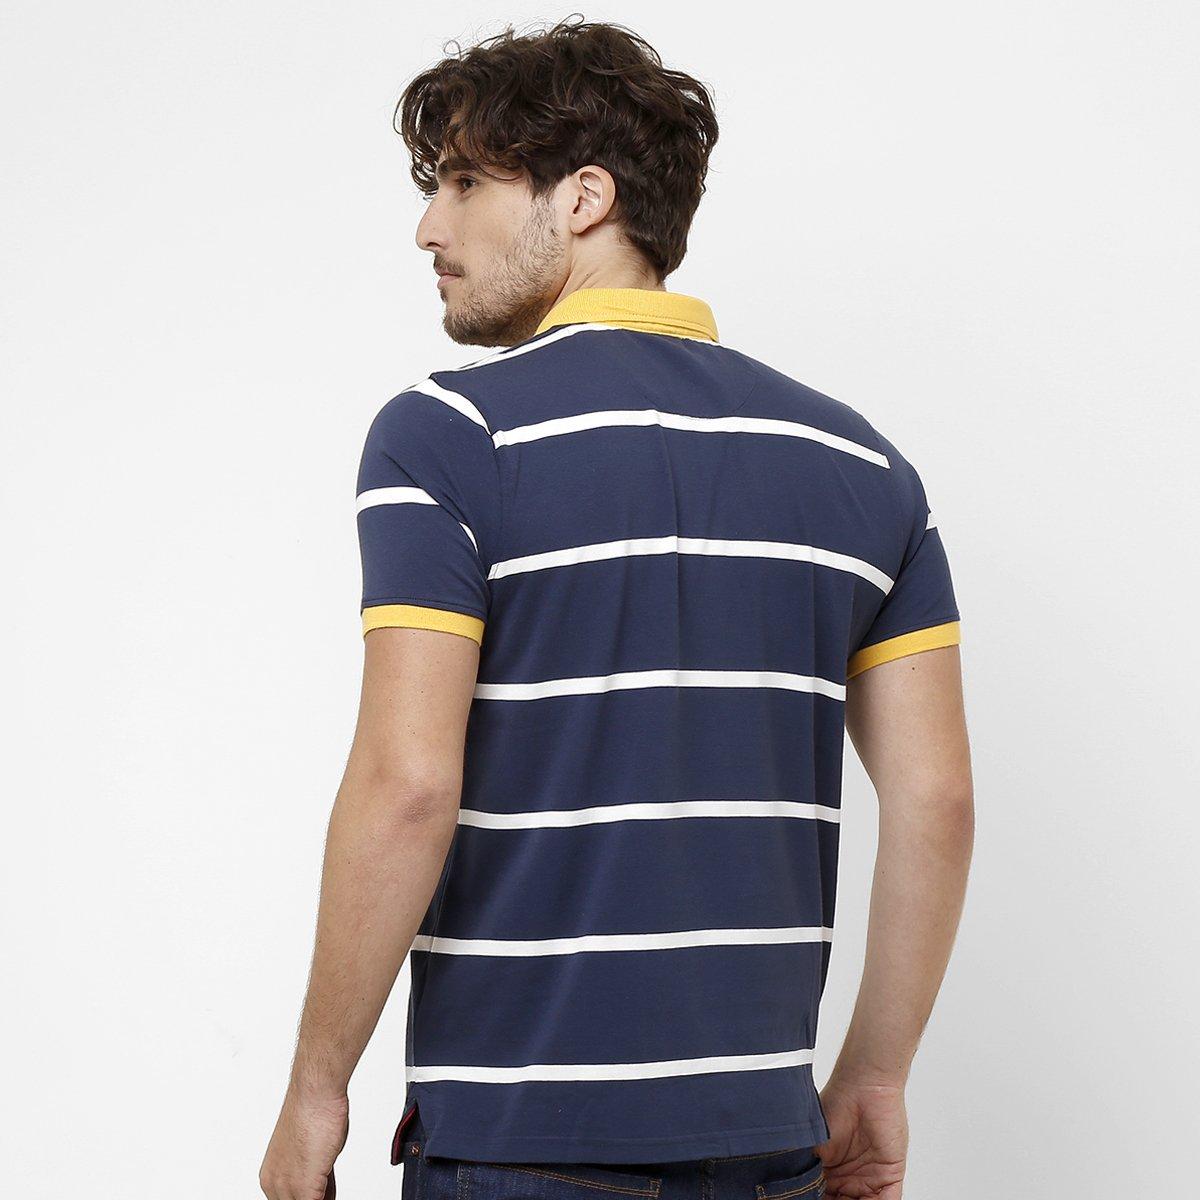 291602cc93 Camisa Polo Pacific Blue Fio Tinto Listras - Compre Agora